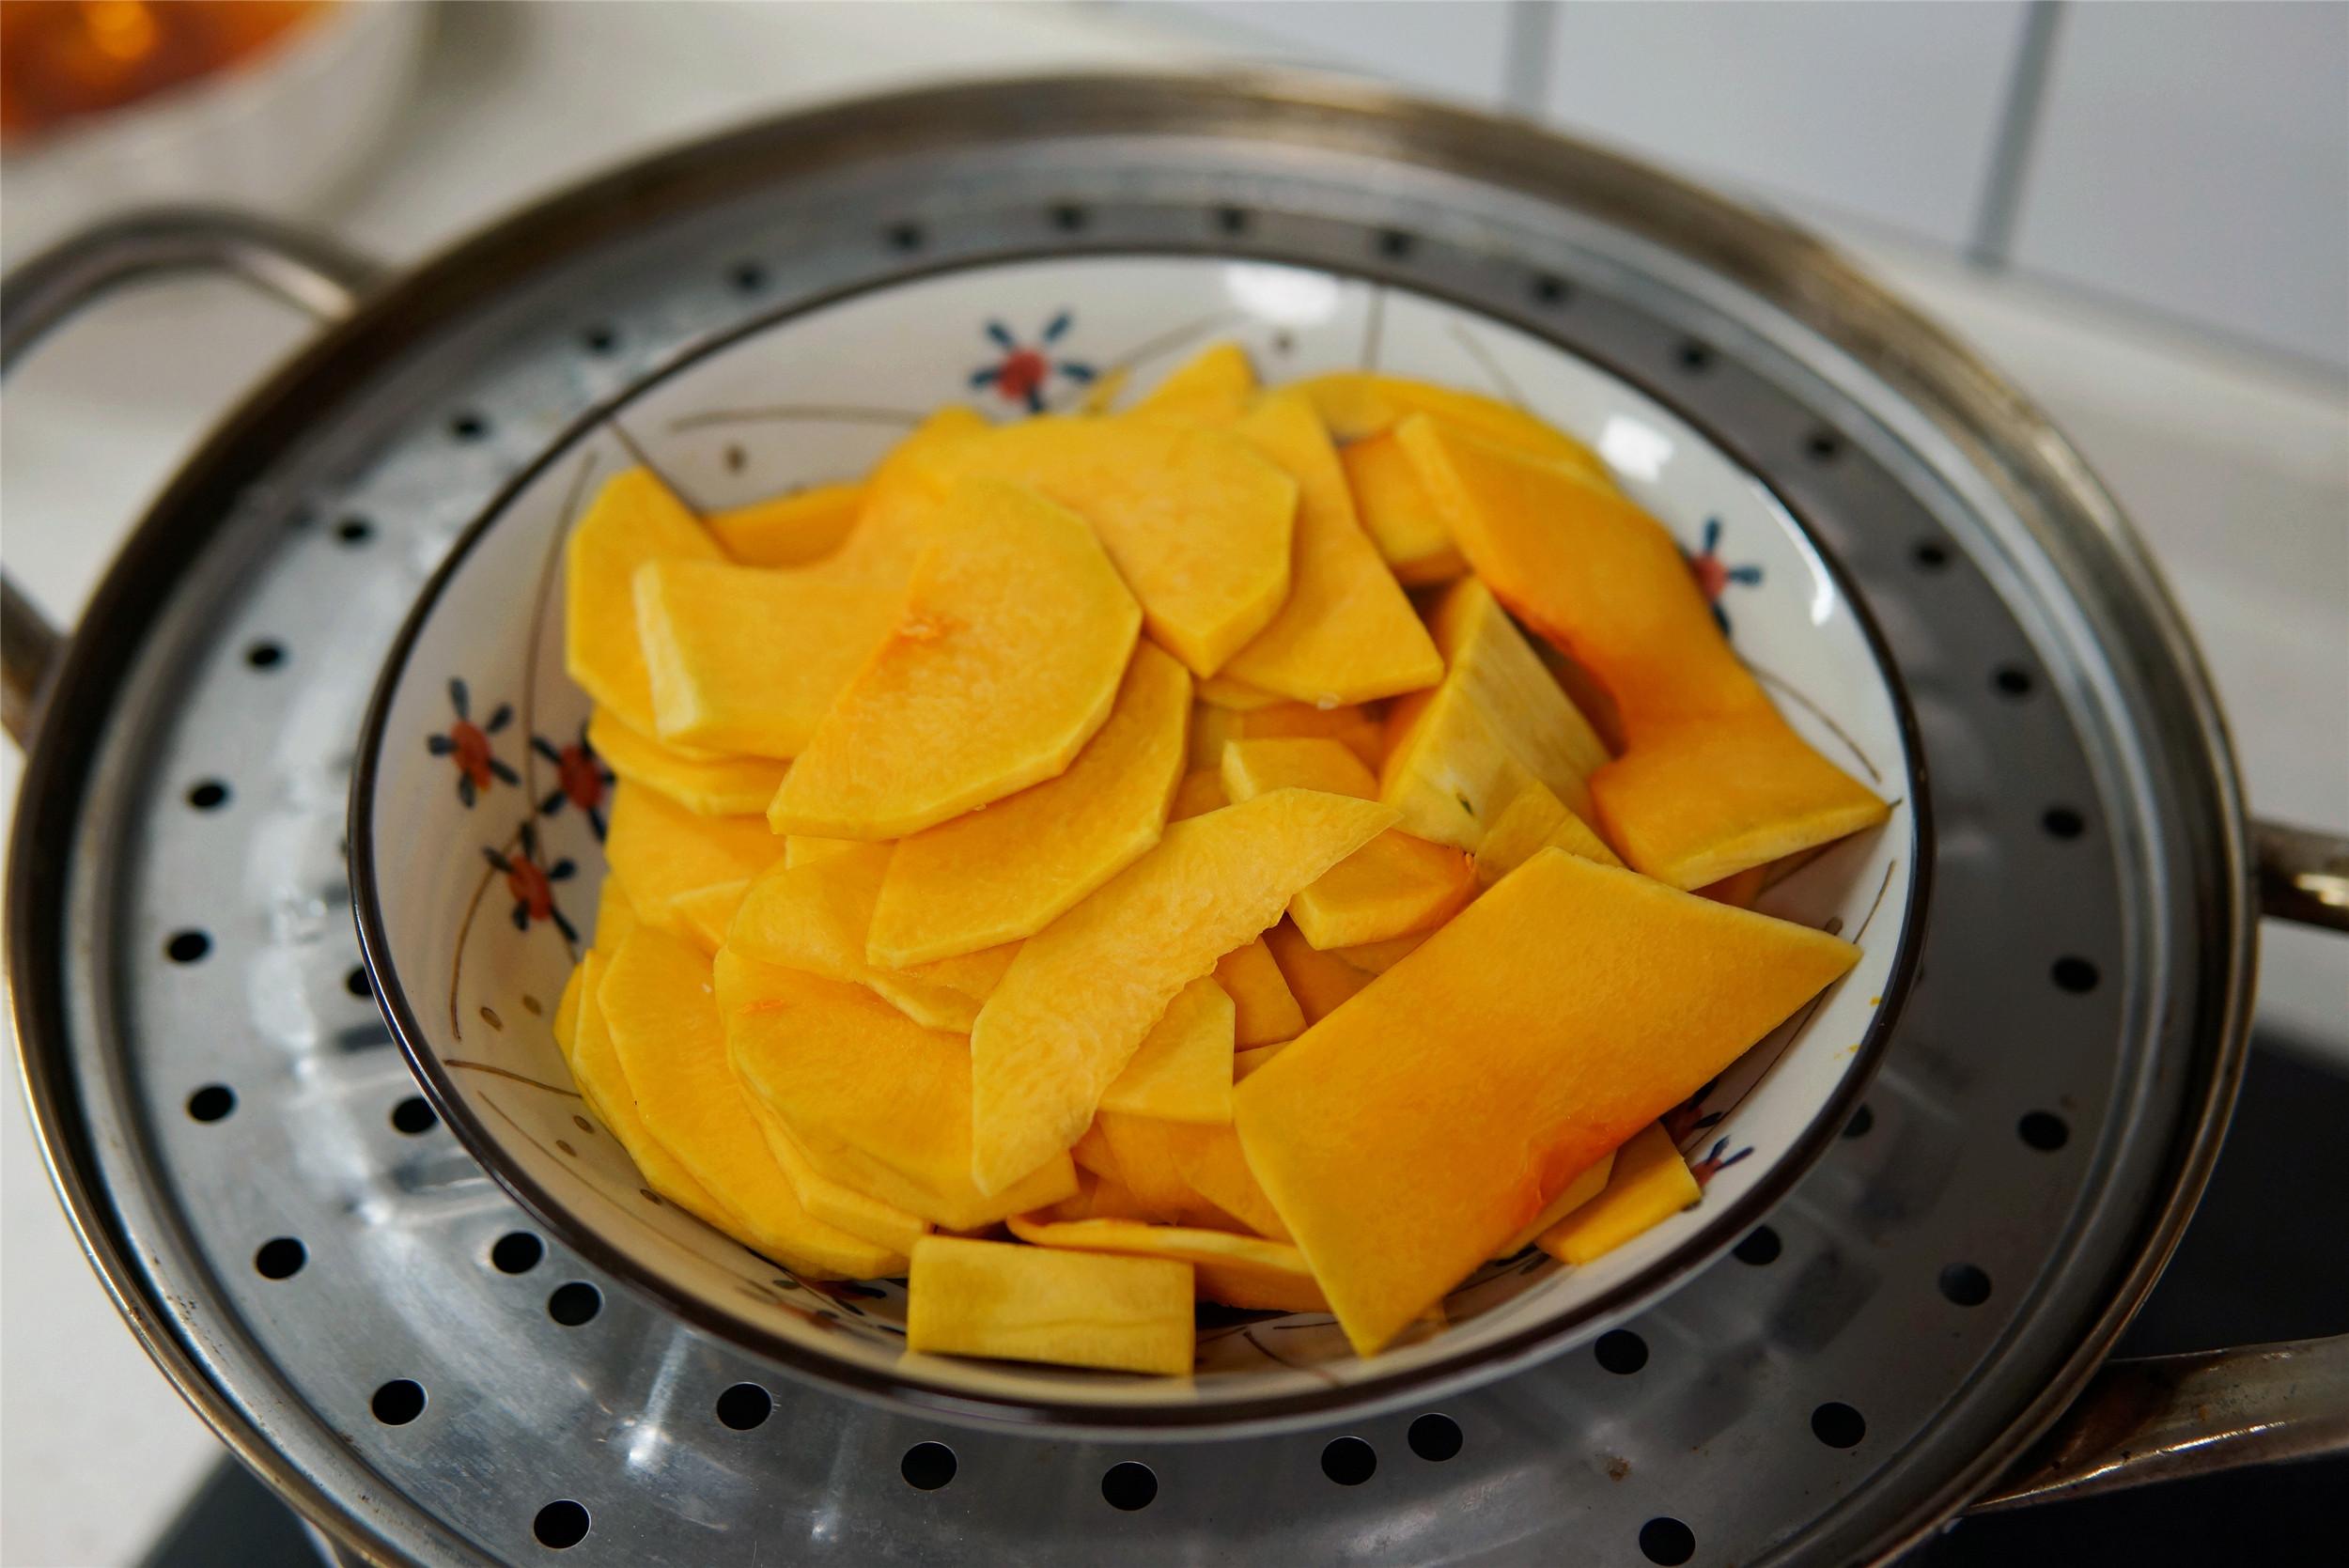 一塊南瓜,半碗糯米粉,簡單一蒸,香甜彈牙,吃一次就愛上了